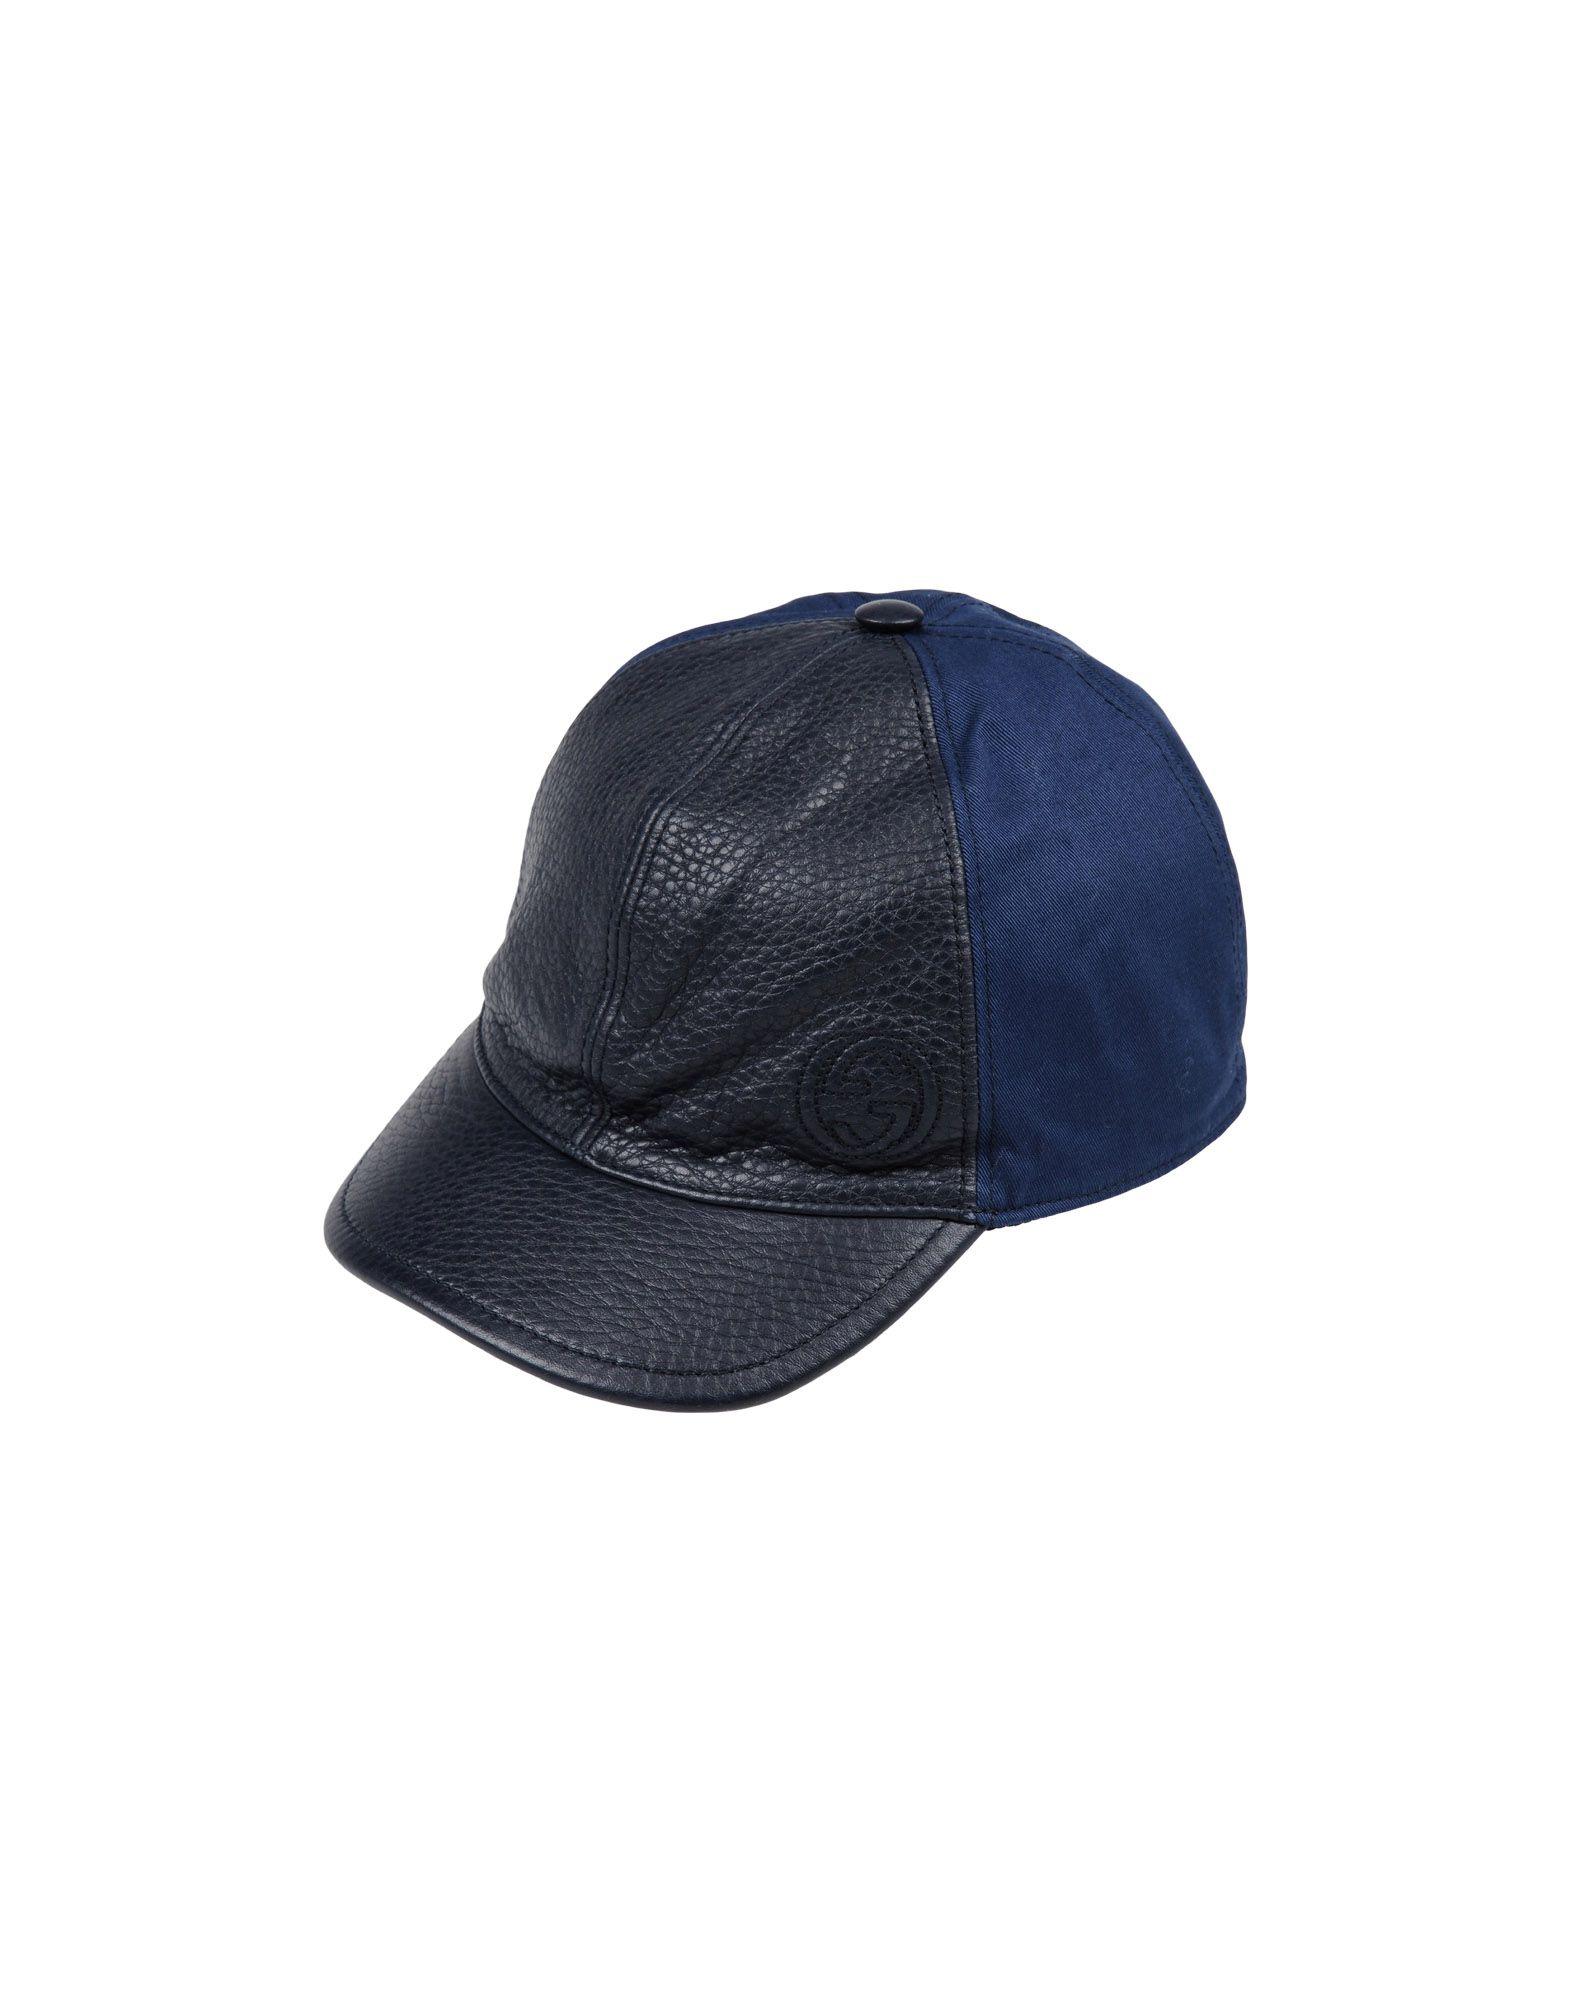 GUCCI | GUCCI Hats 46576957 | Goxip